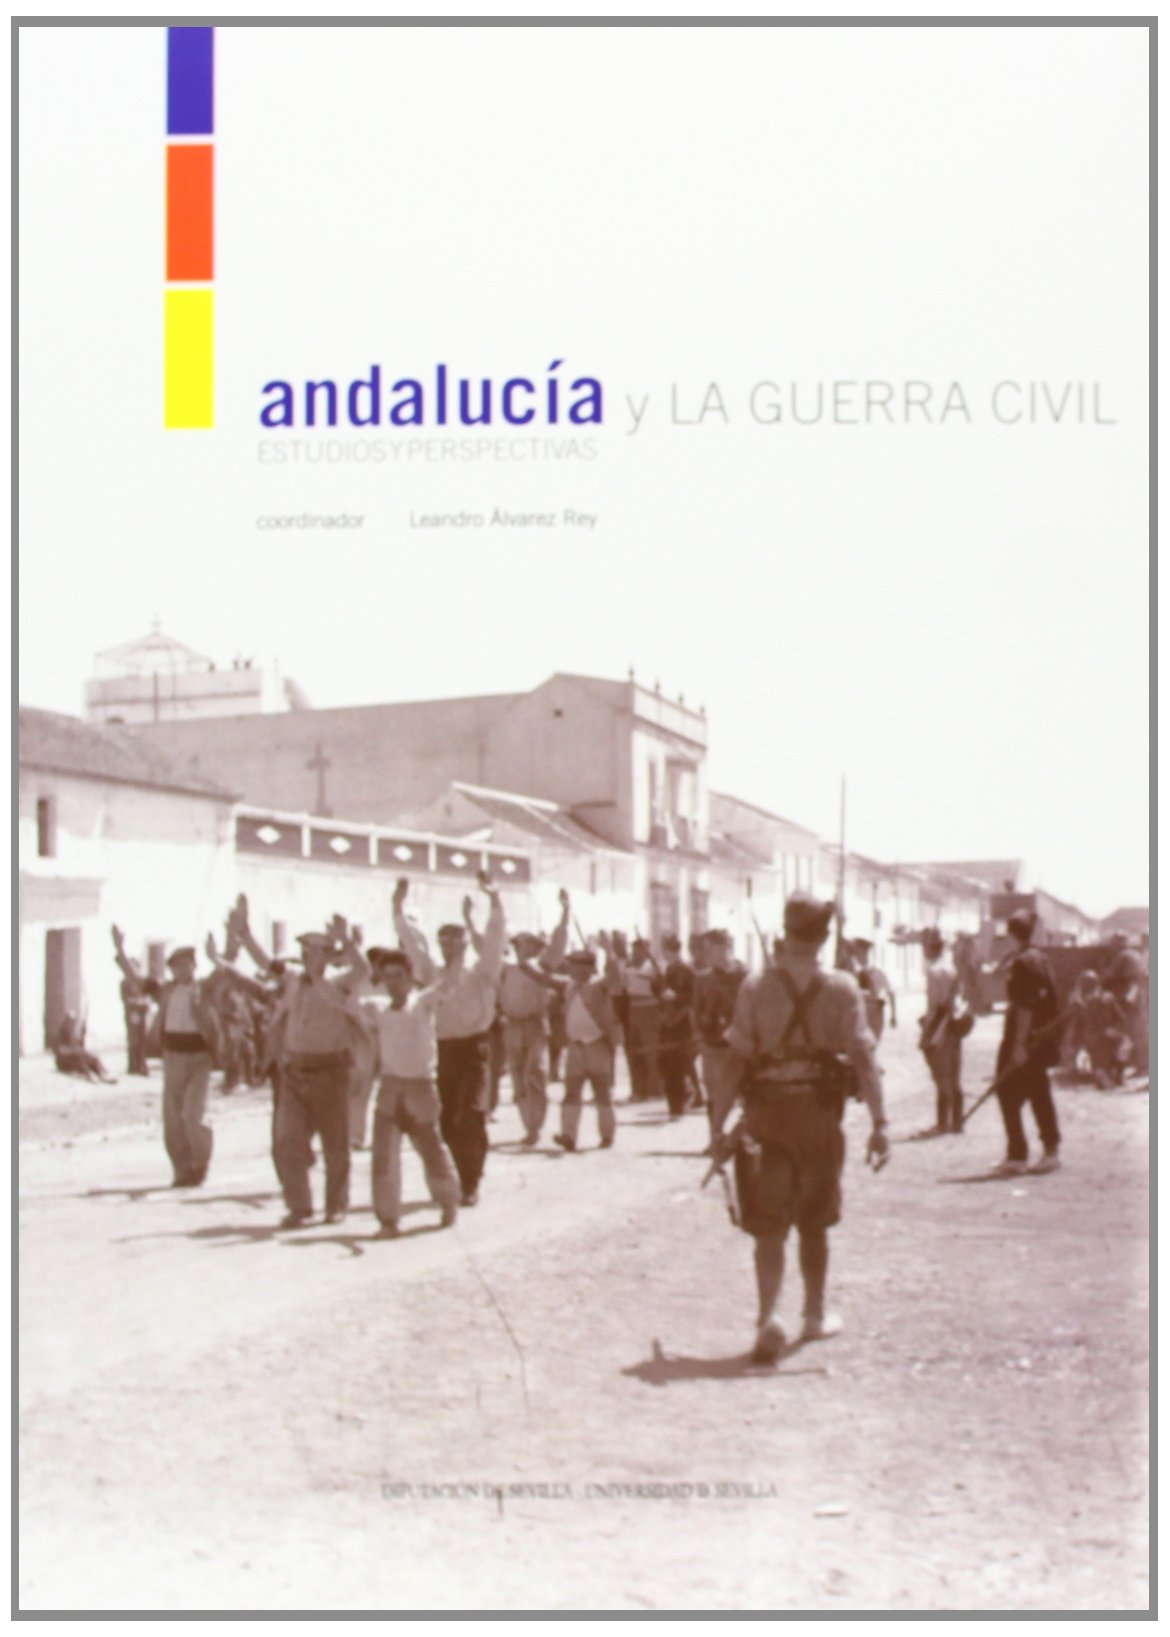 Andalucía y la Guerra Civil: 10 Historia. Otras Publicaciones: Amazon.es: Álvarez Rey, Leandro, Diputación de Sevilla: Libros